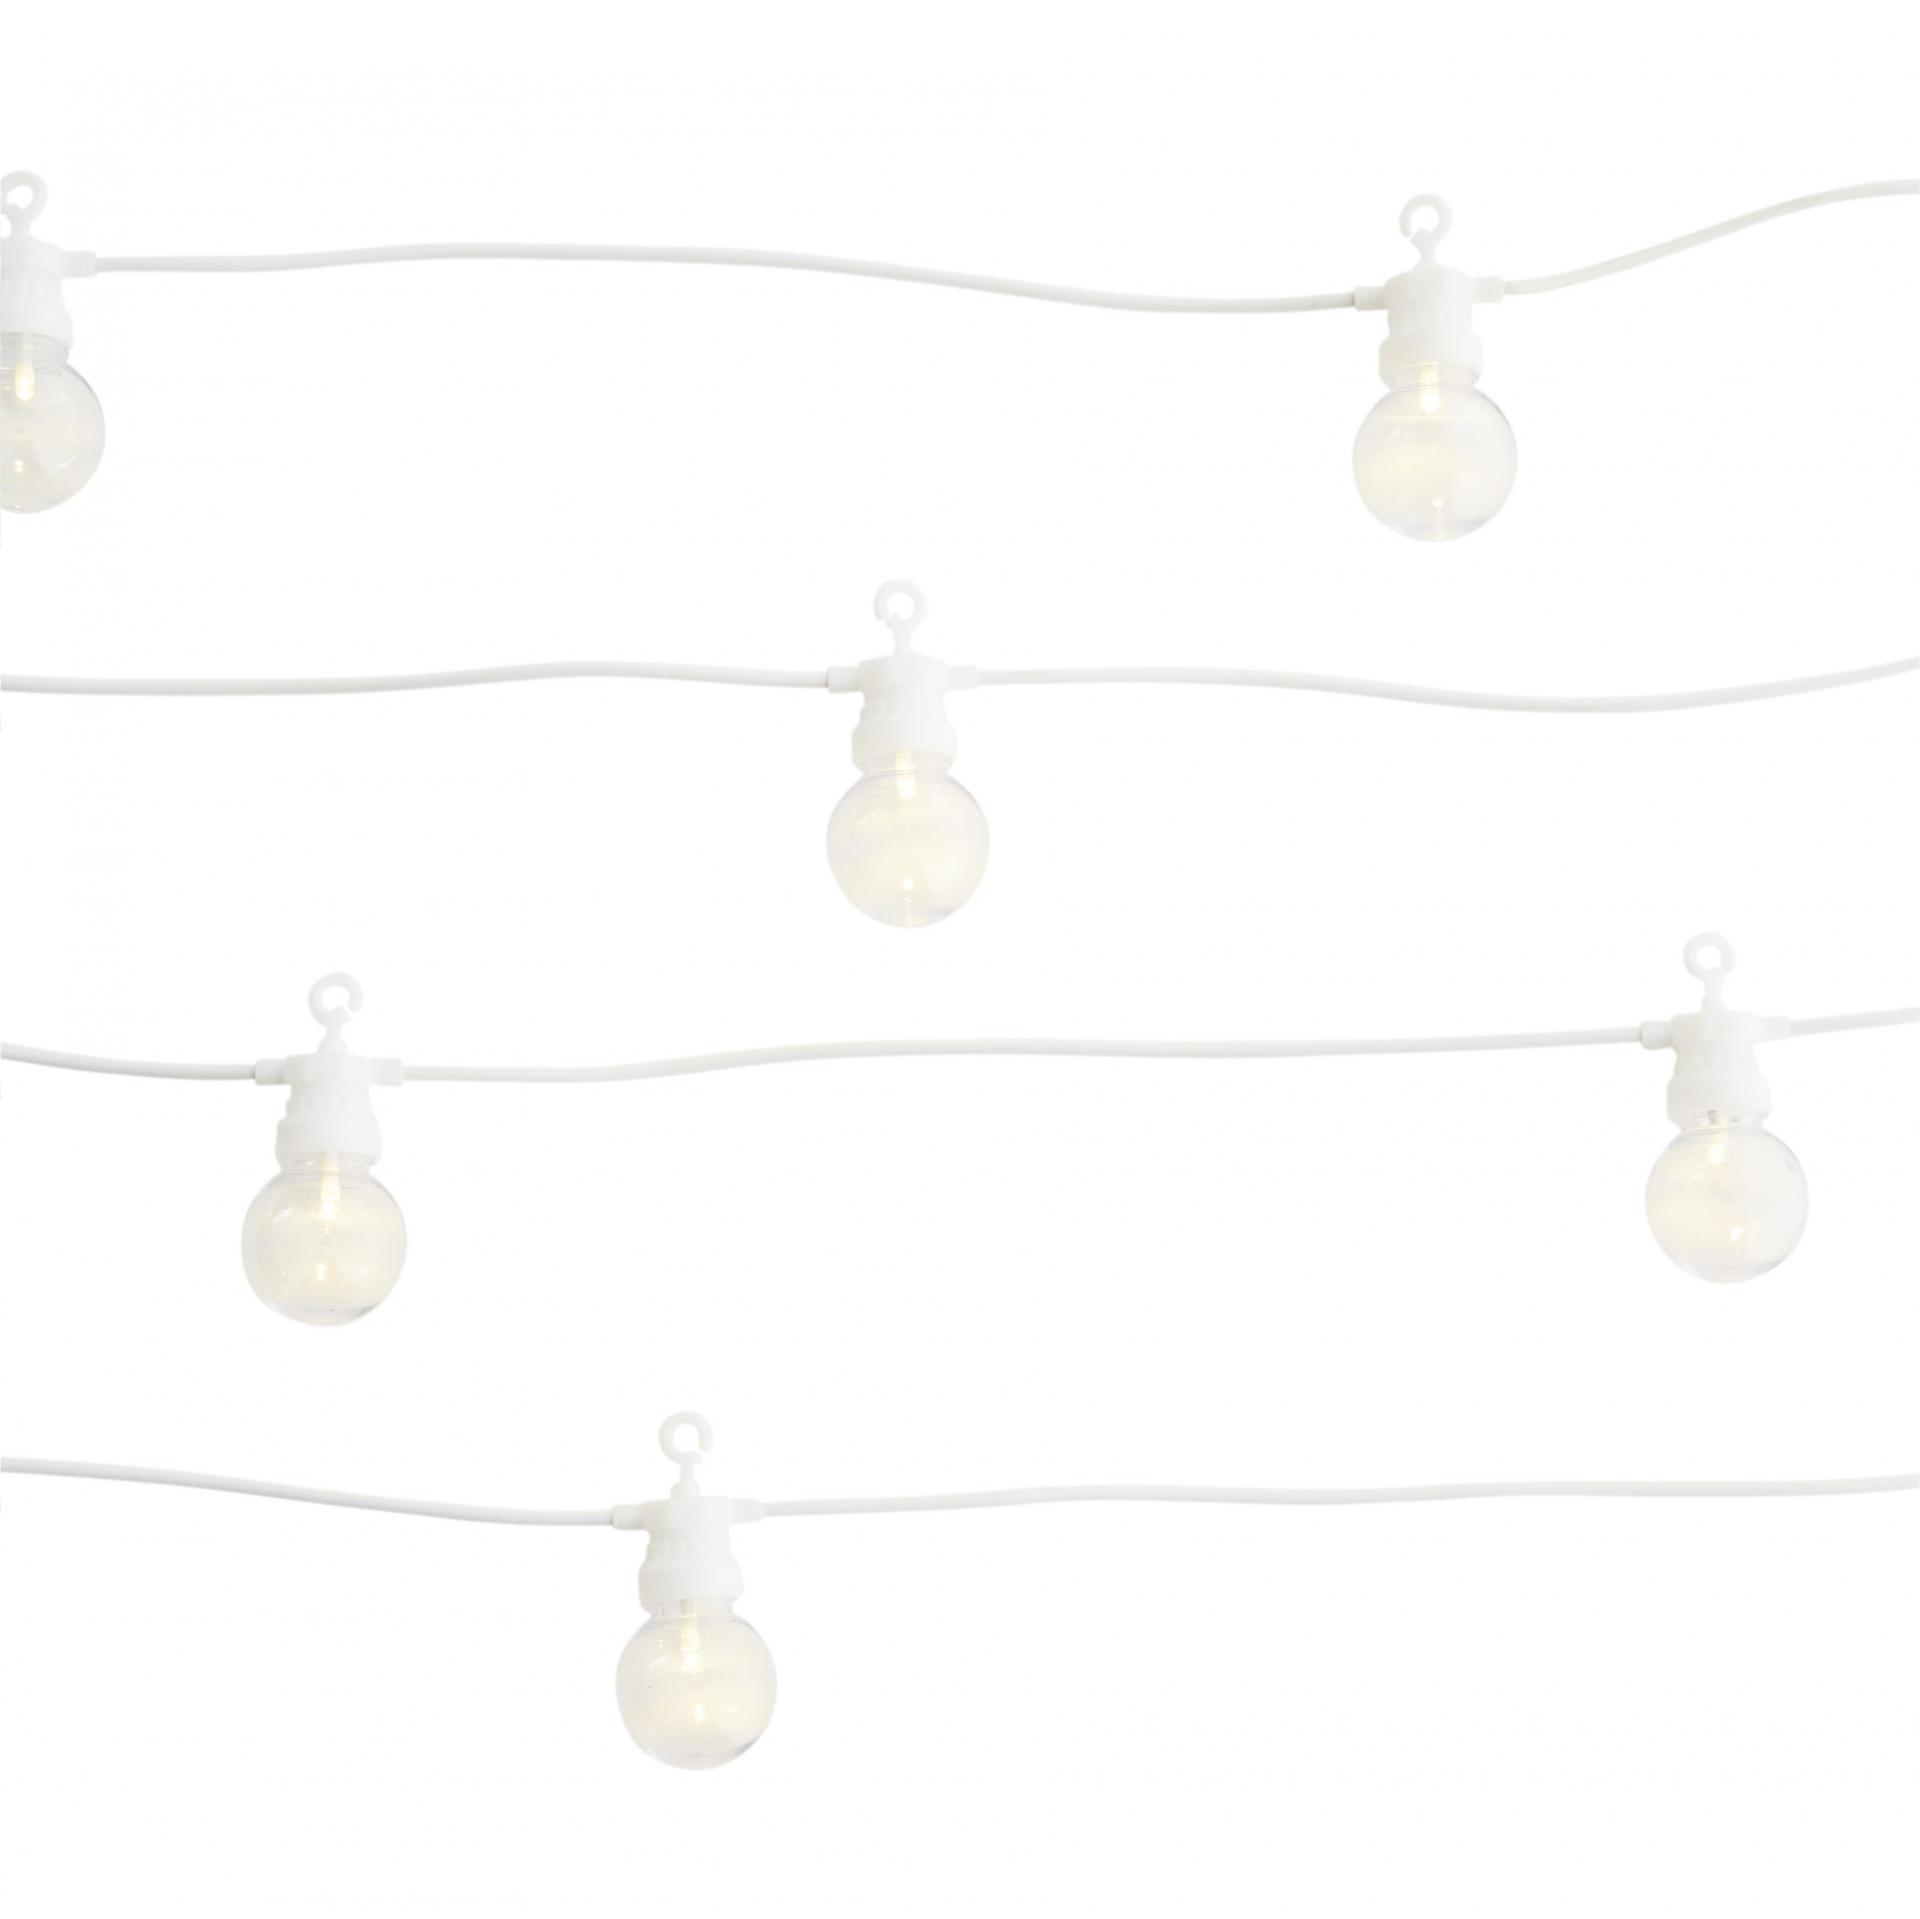 MADAM STOLTZ Venkovní světelný LED řetěz Ball White - 10 žárovek, bílá barva, plast